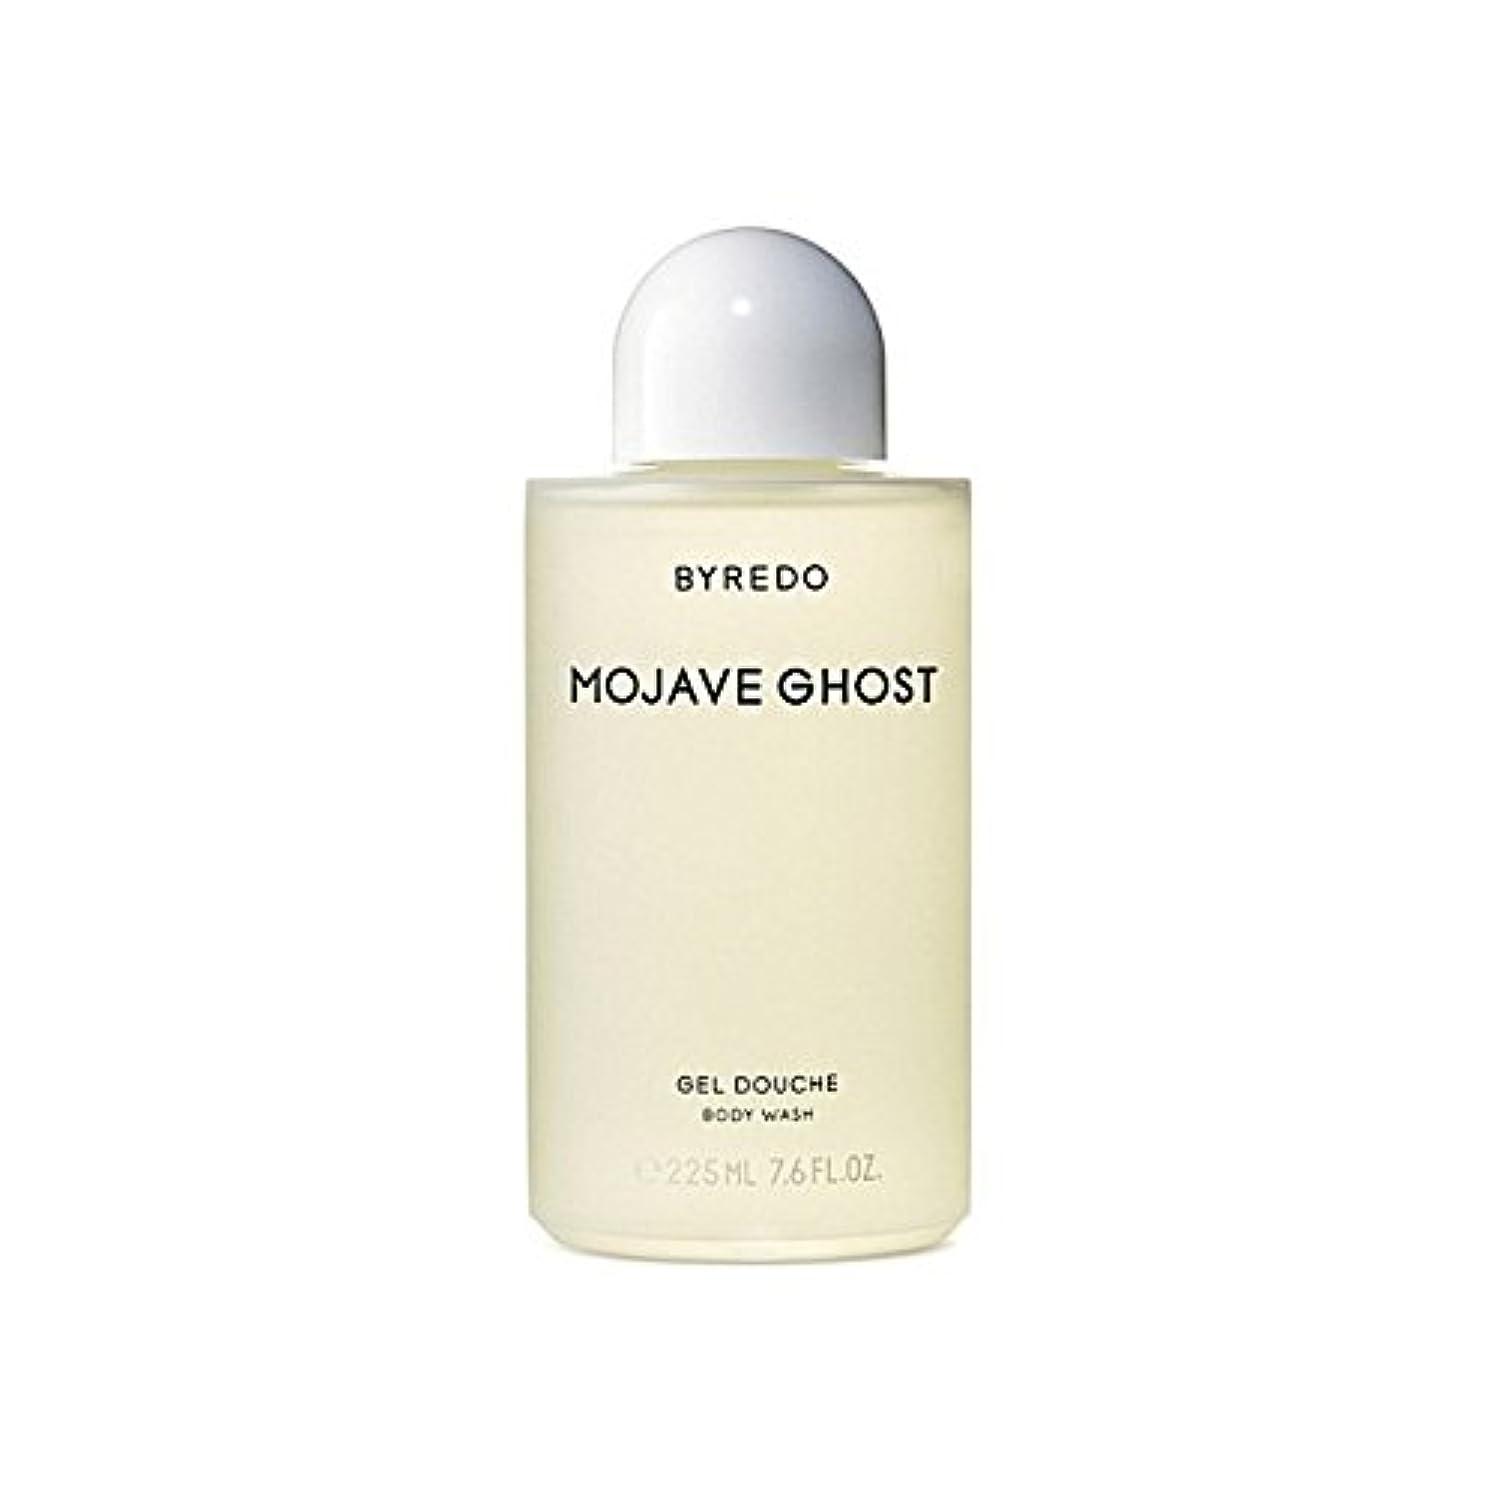 石のくるみ結果Byredo Mojave Ghost Body Wash 225ml - モハーベゴーストボディウォッシュ225ミリリットル [並行輸入品]